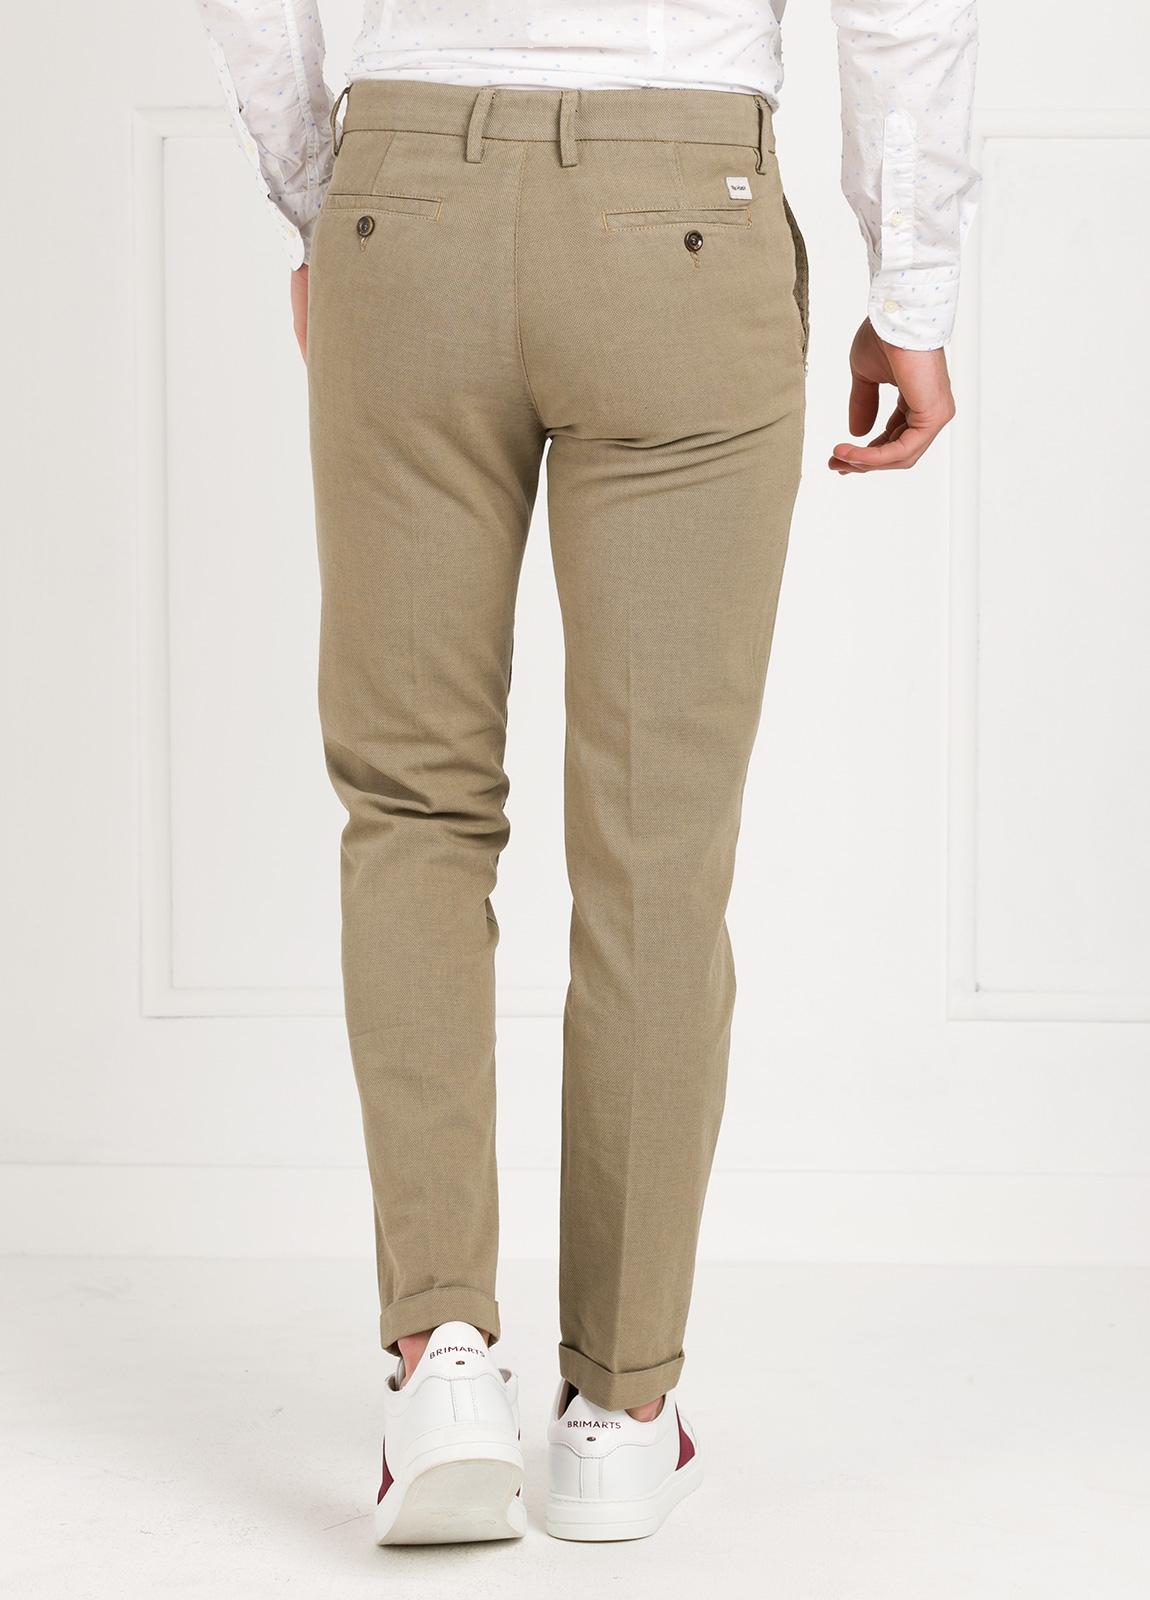 Pantalón sport modelo MUCHA P294 color beige. Algodón y elastáno. - Ítem3